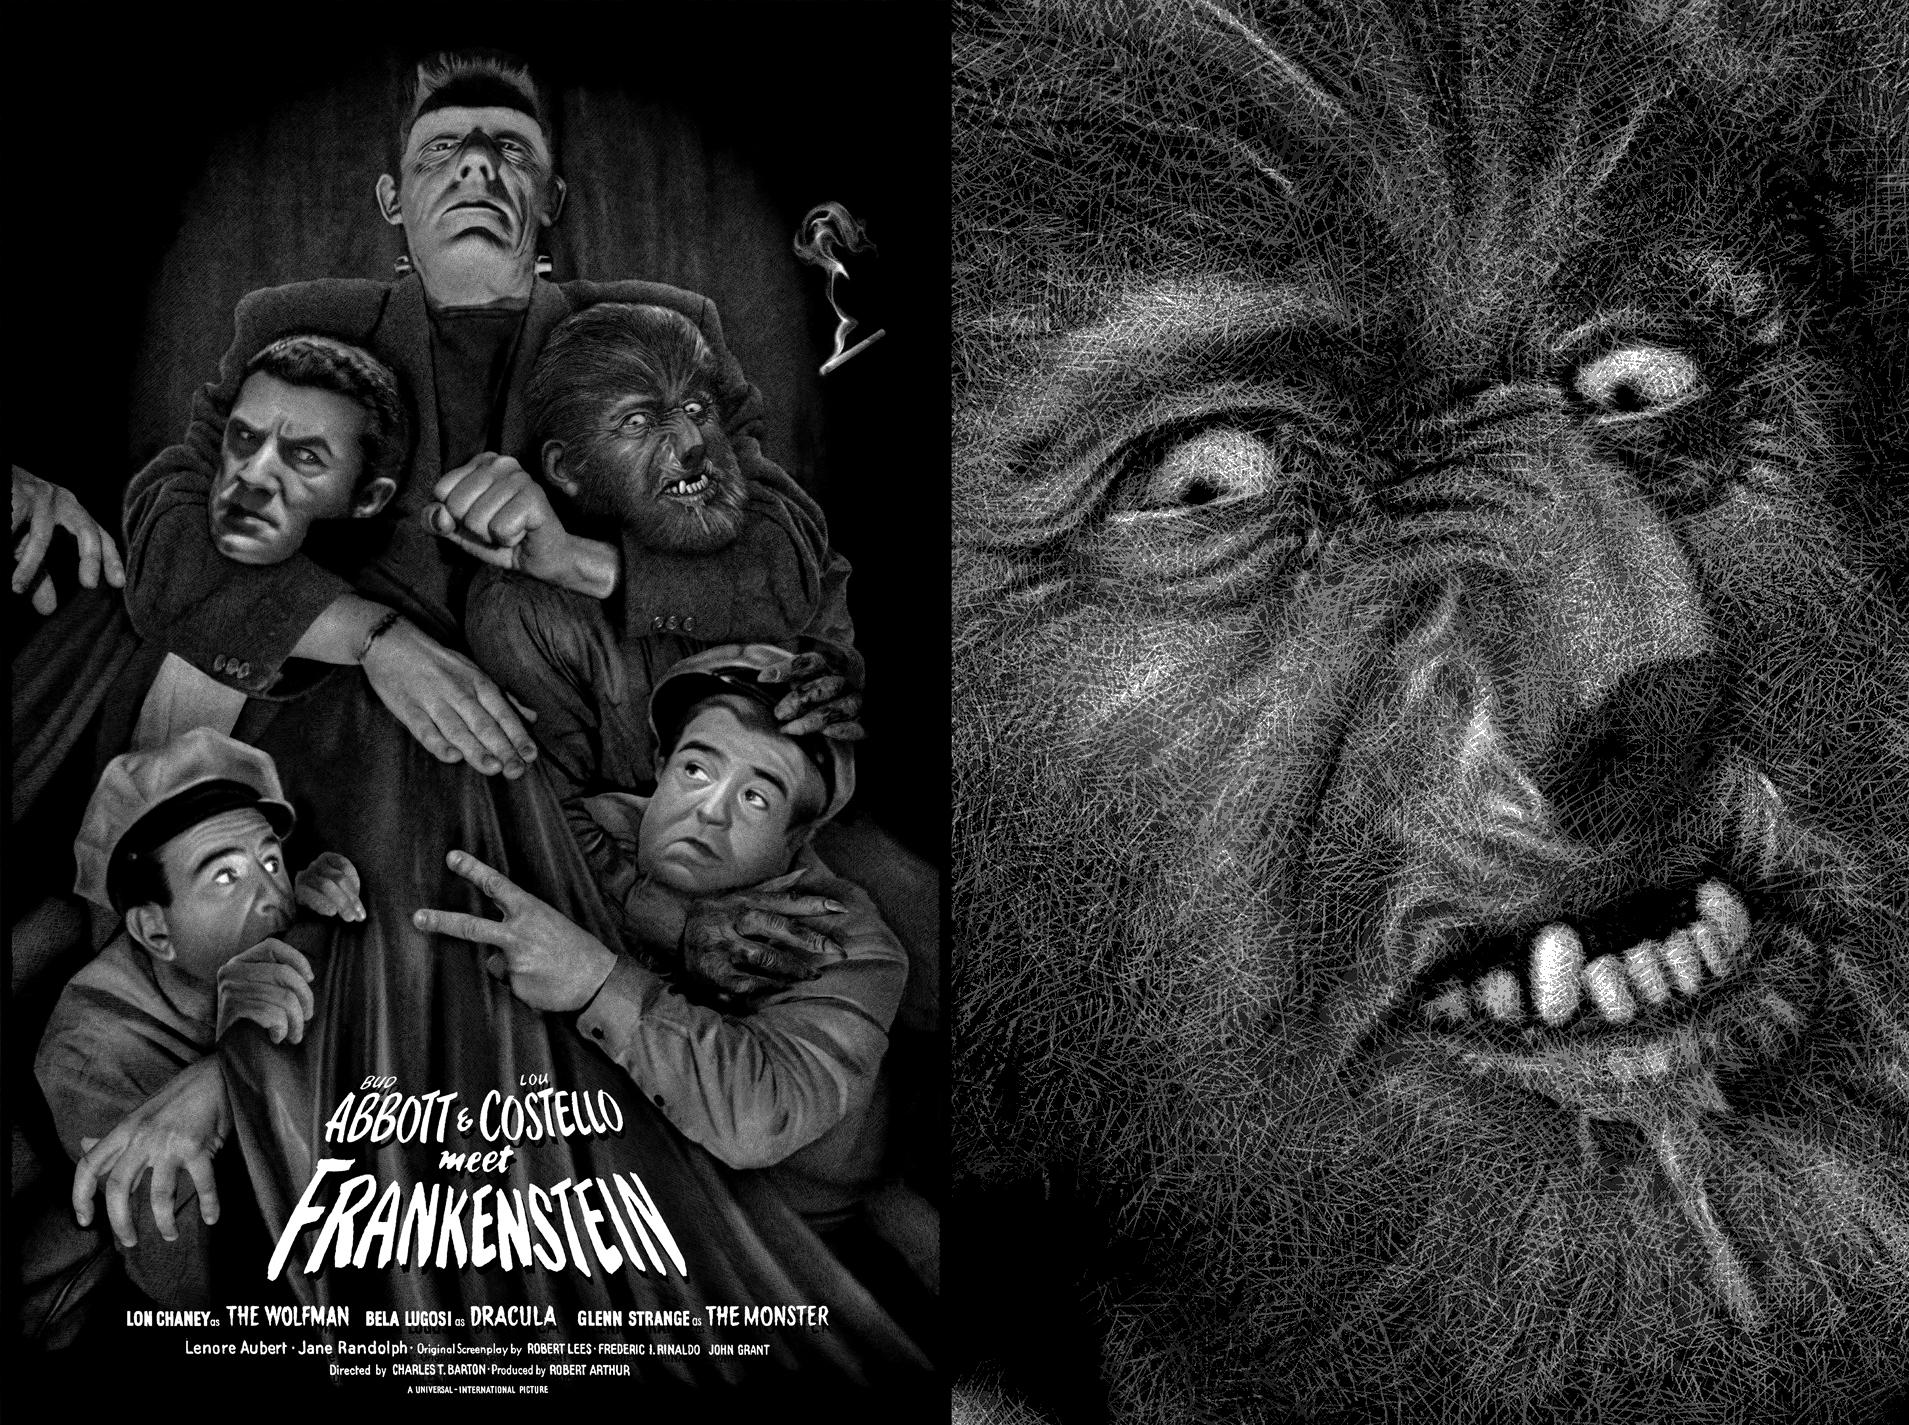 « Abbott & Costello meet Frankenstein »